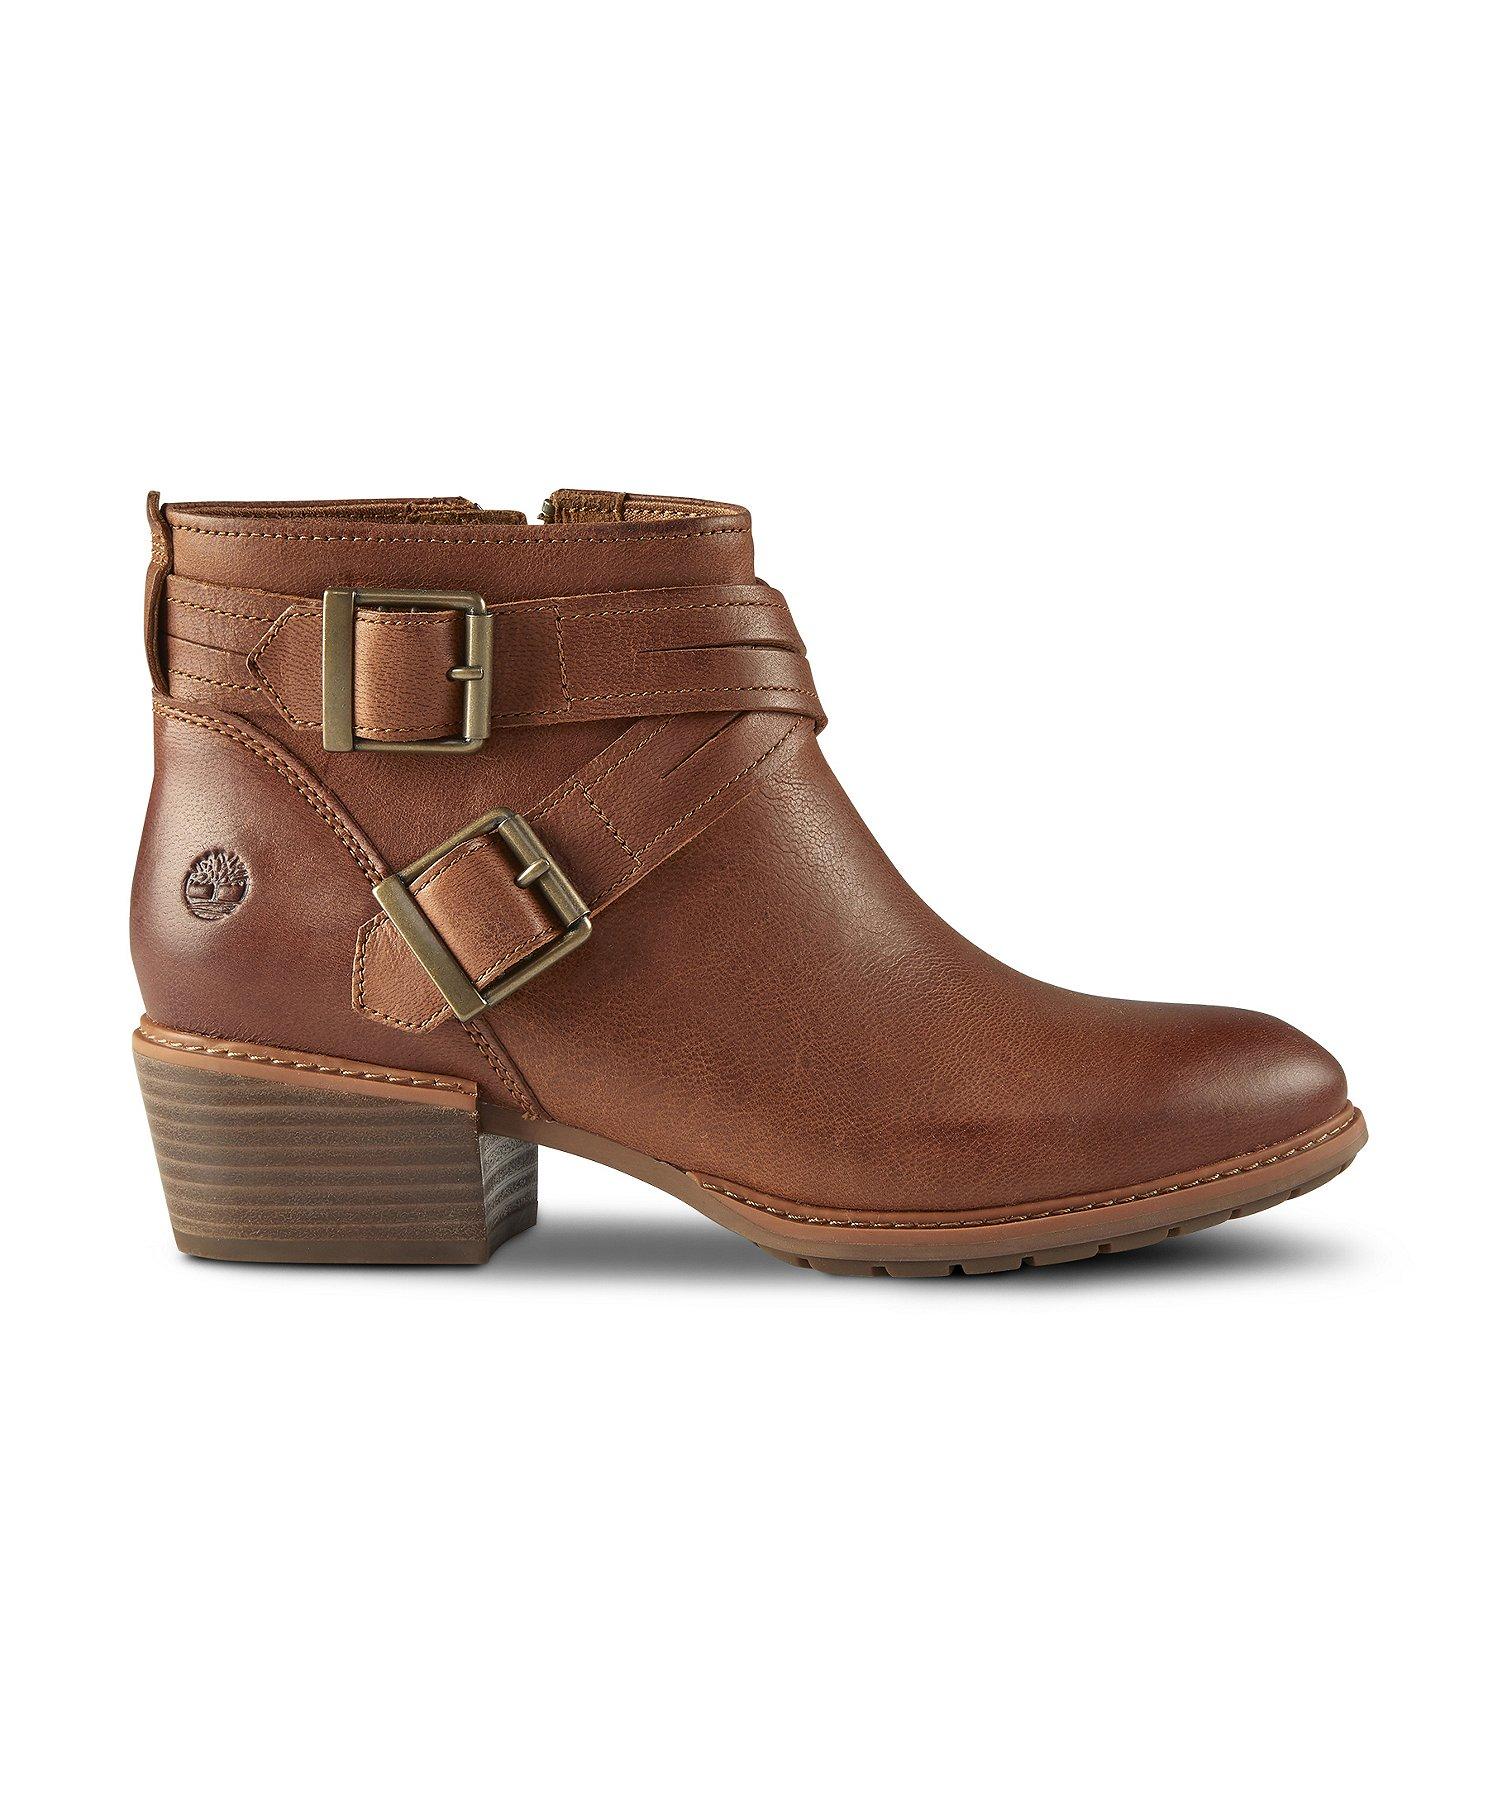 Women's Women's Ankle Bay Bay Sutherlin Boots Sutherlin Ankle Sutherlin Bay Women's Boots CeBrodxW